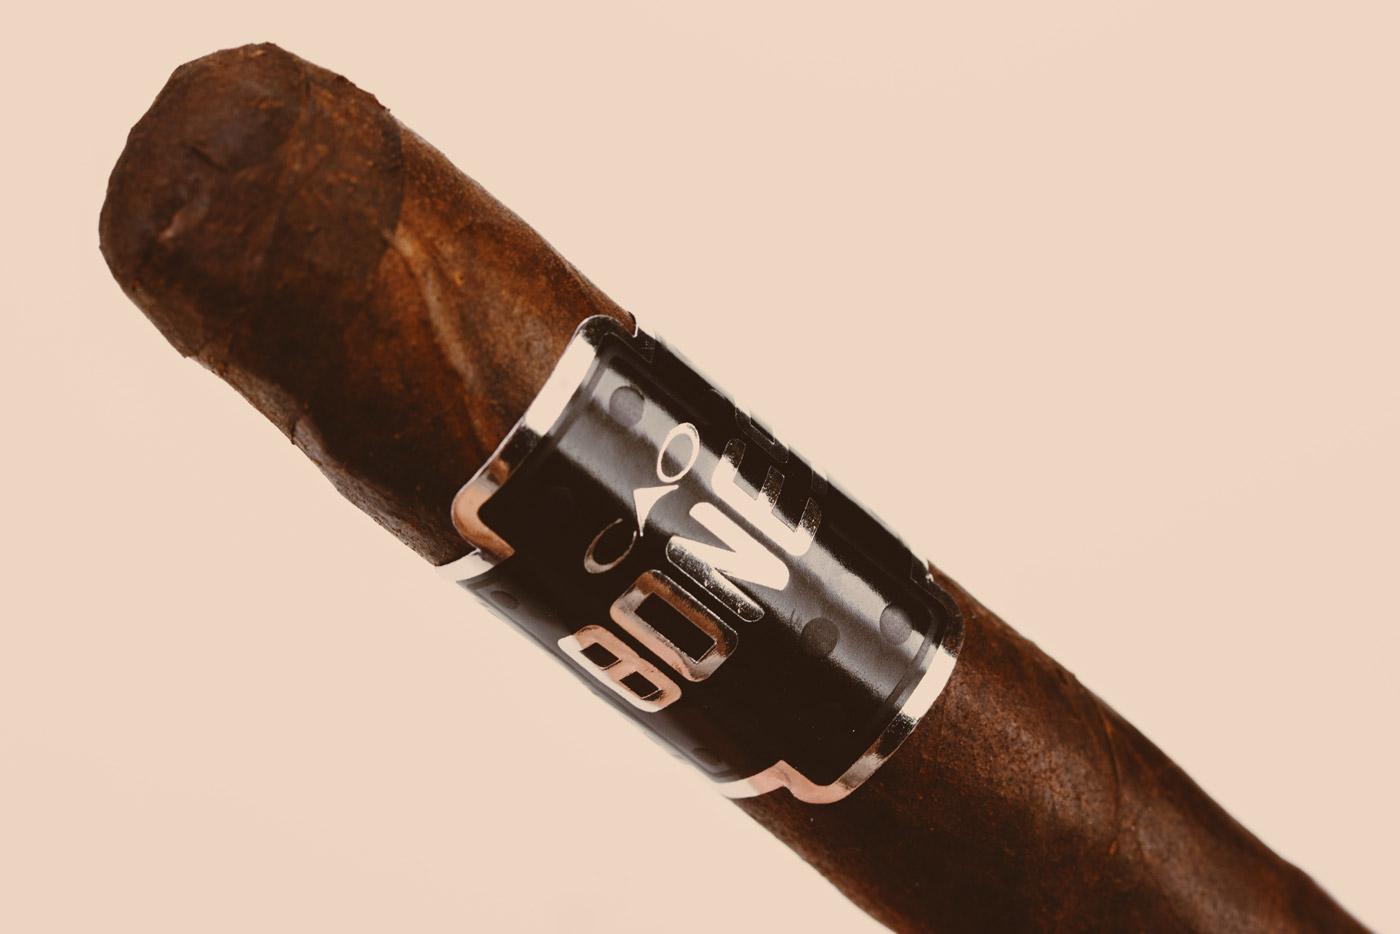 CAO Bones Chicken Foot cigar review